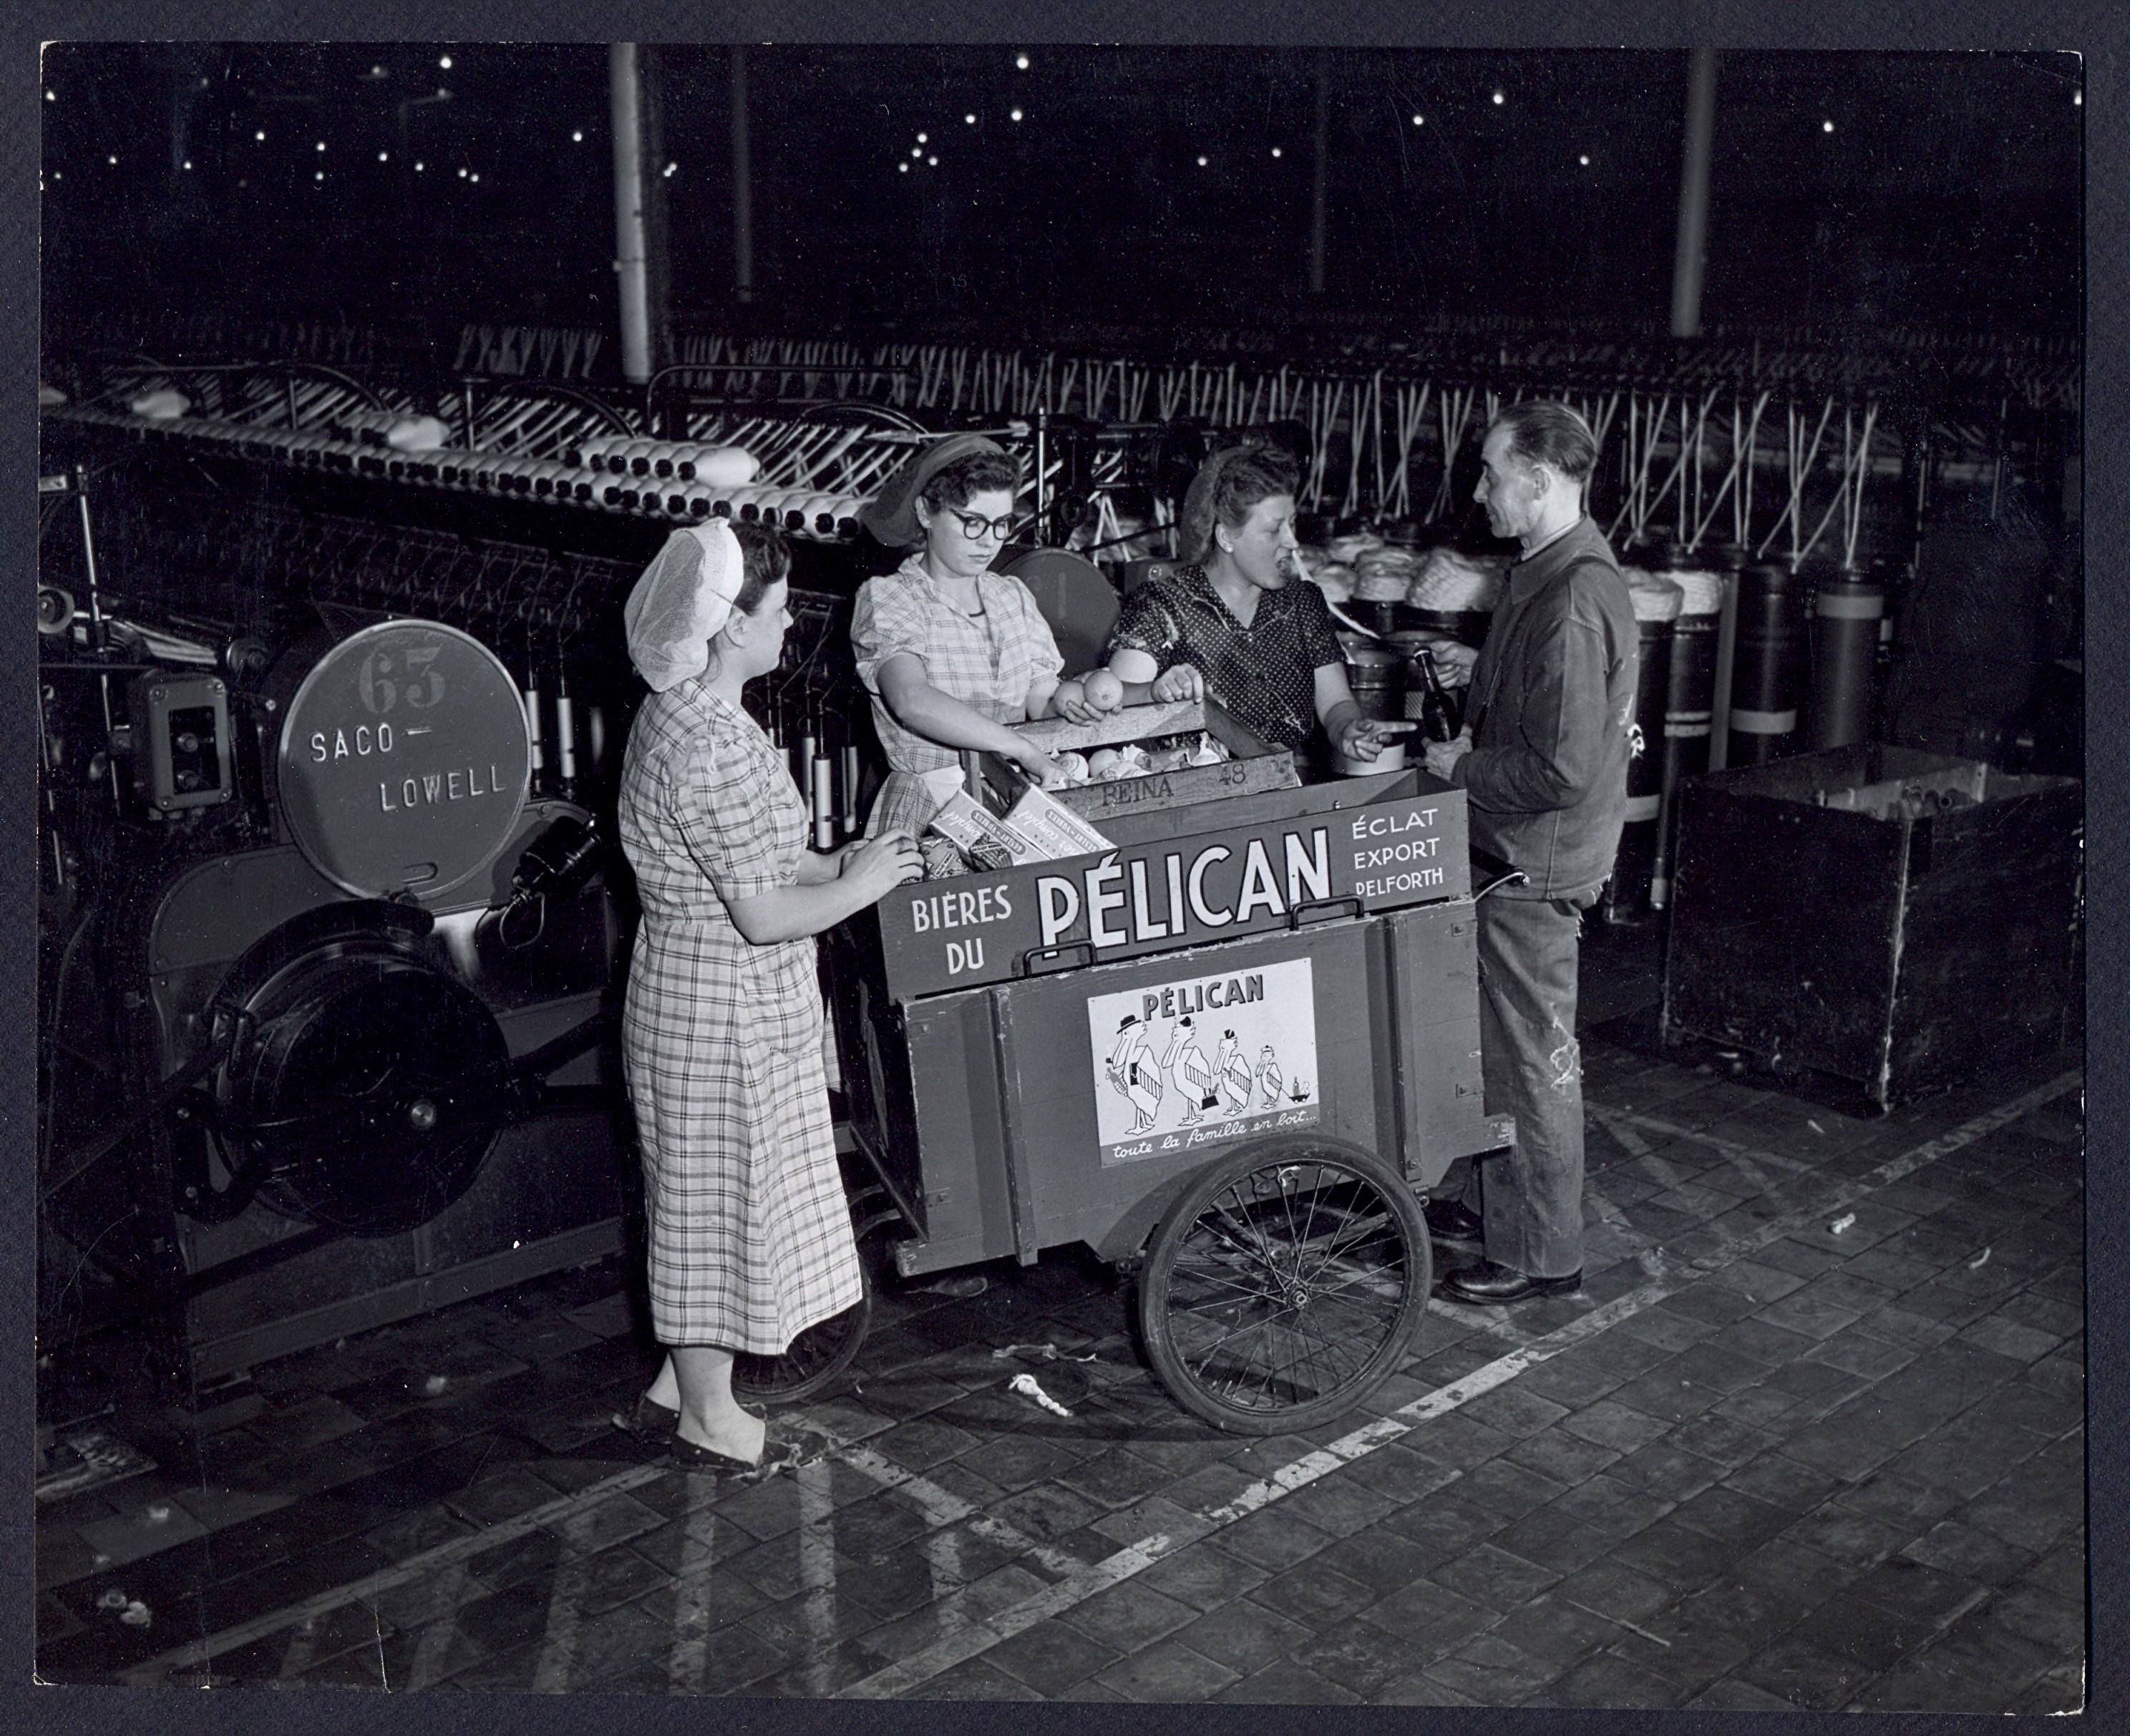 Ouvrières se fournissant auprès d'un triporteur durant leur pause : tirage photographique, Lille (Nord), vers 1955.